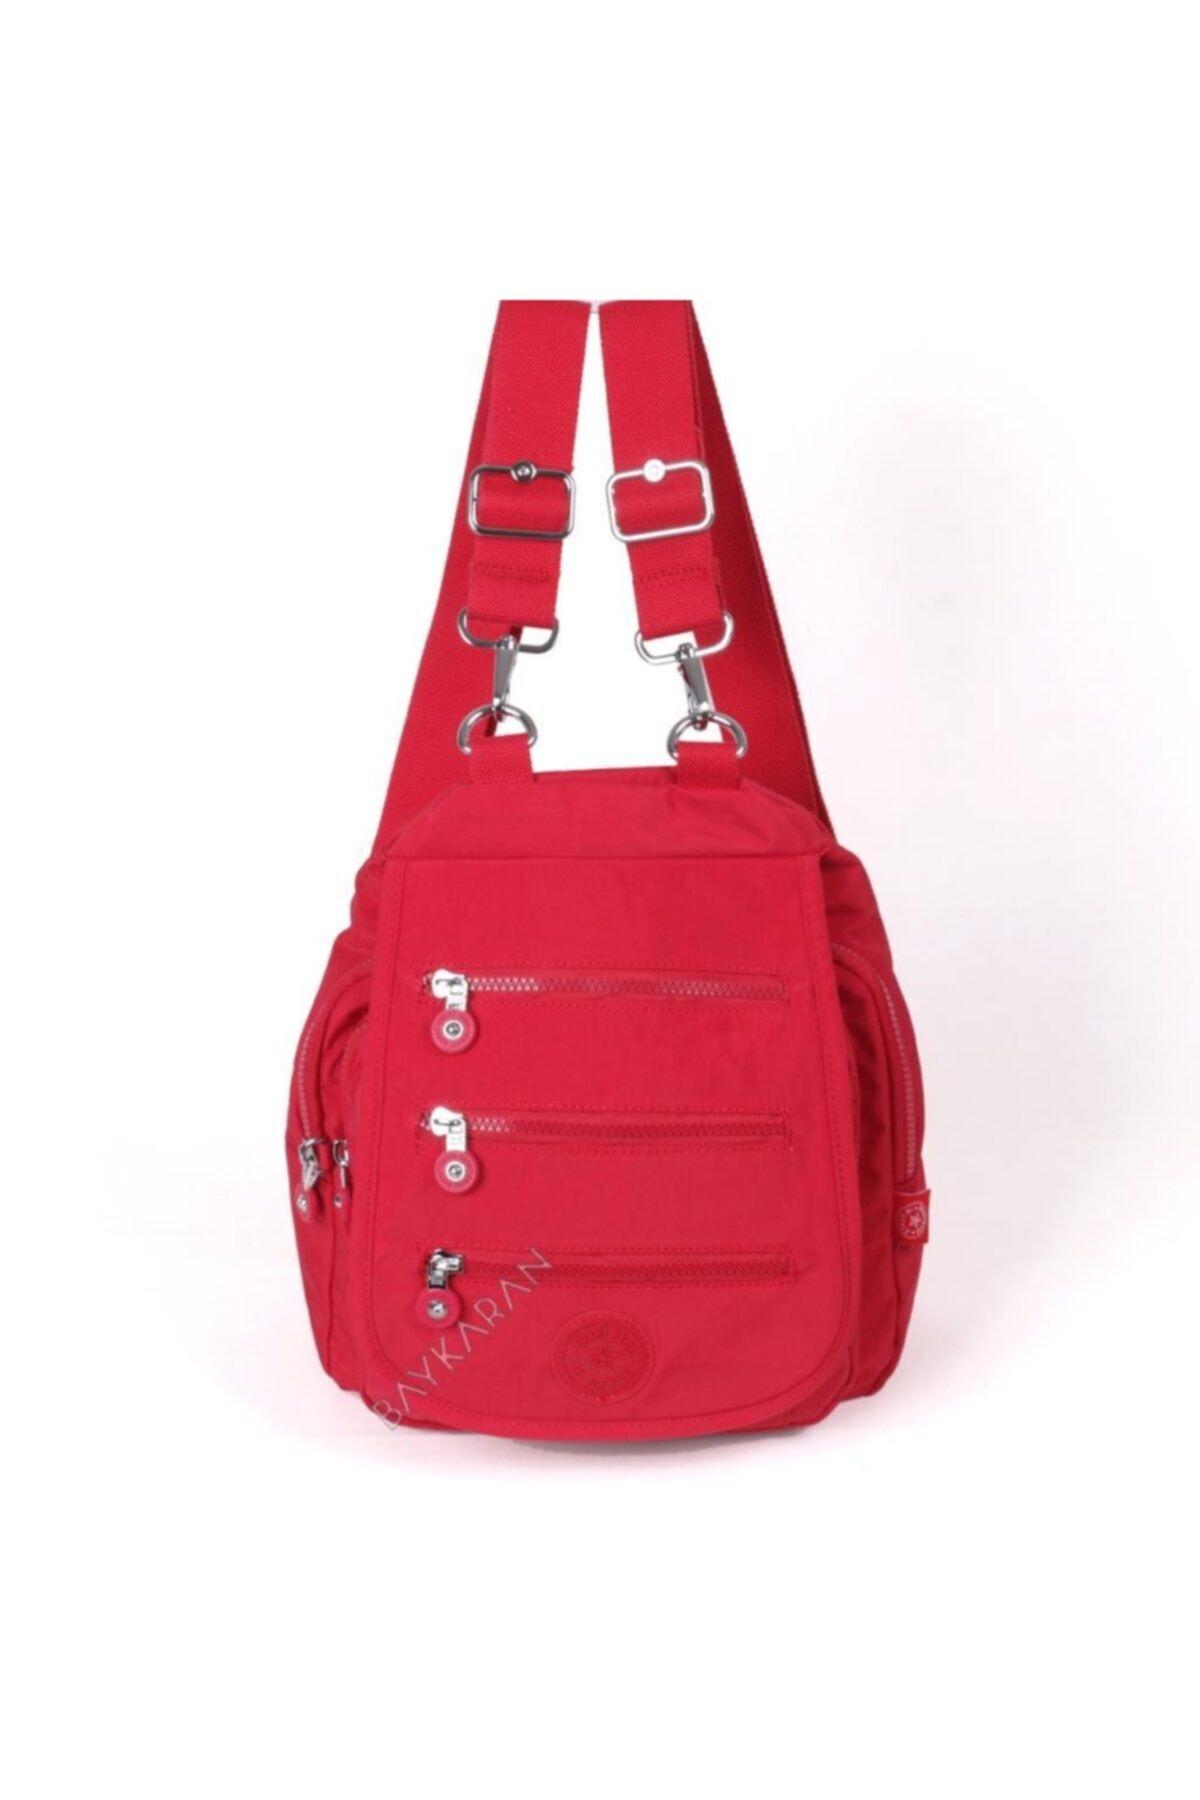 SMART BAGS Küçük Boy Kadın Sırt Çantası 1169 19 Kırmızı 2